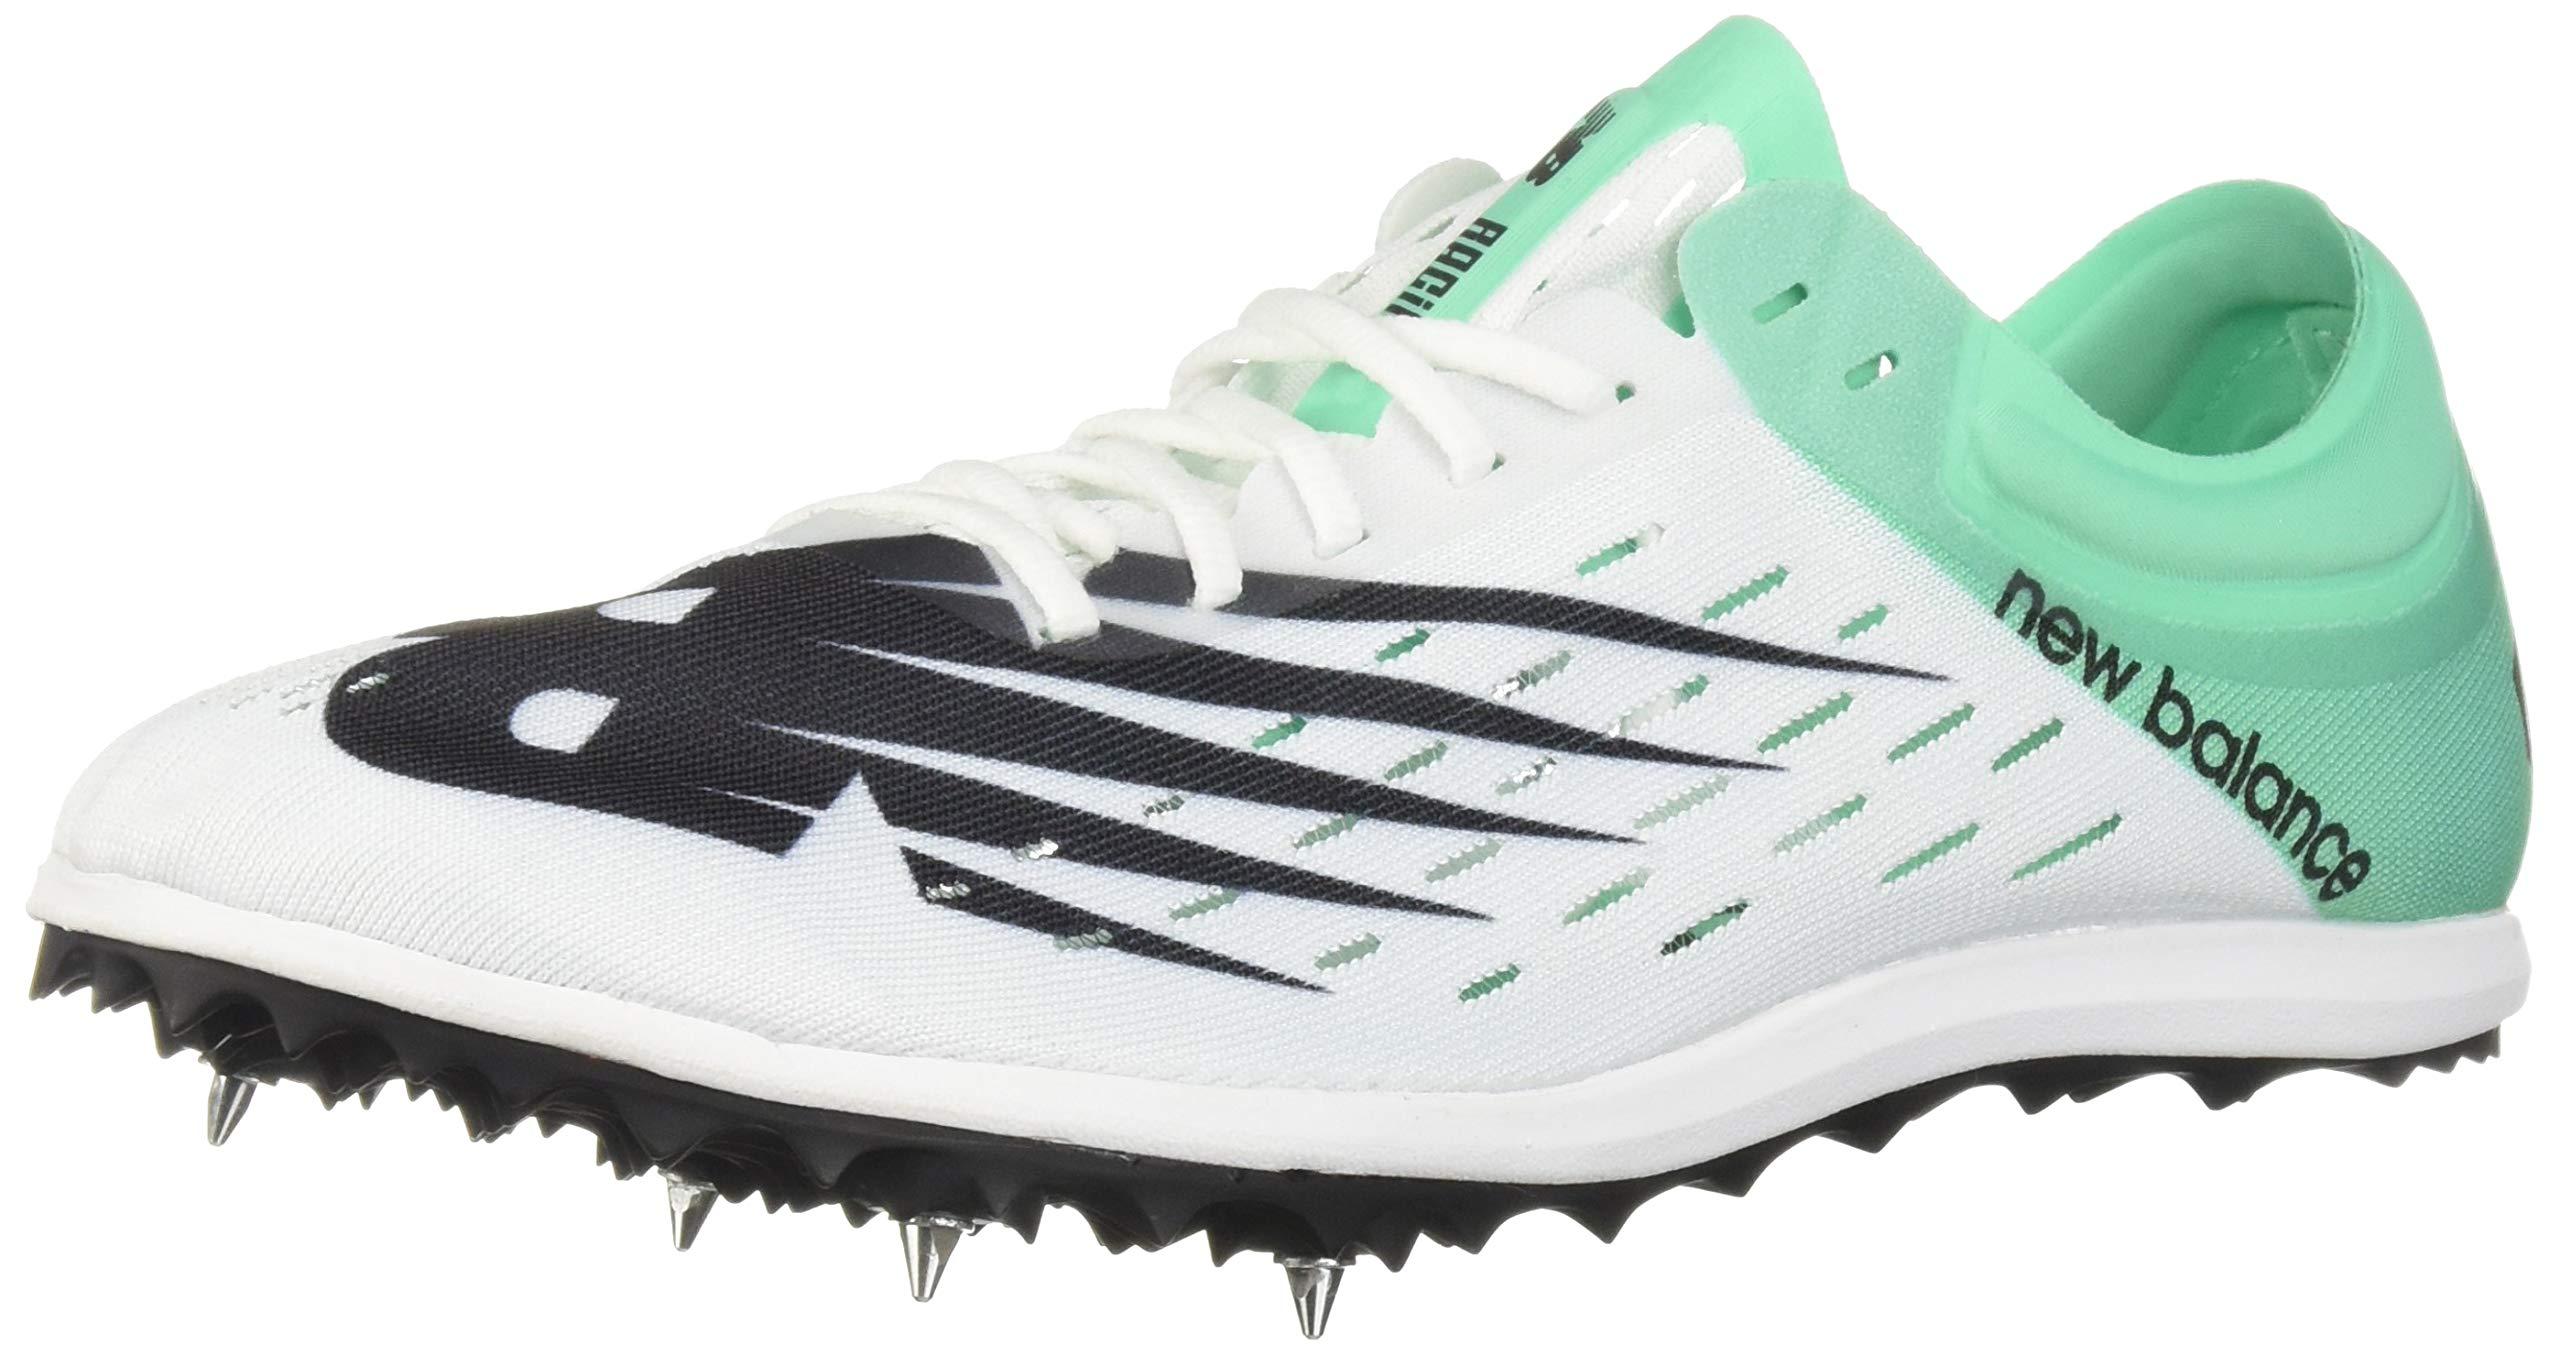 New Balance Women's Long Distance 5000 V6 Running Shoe